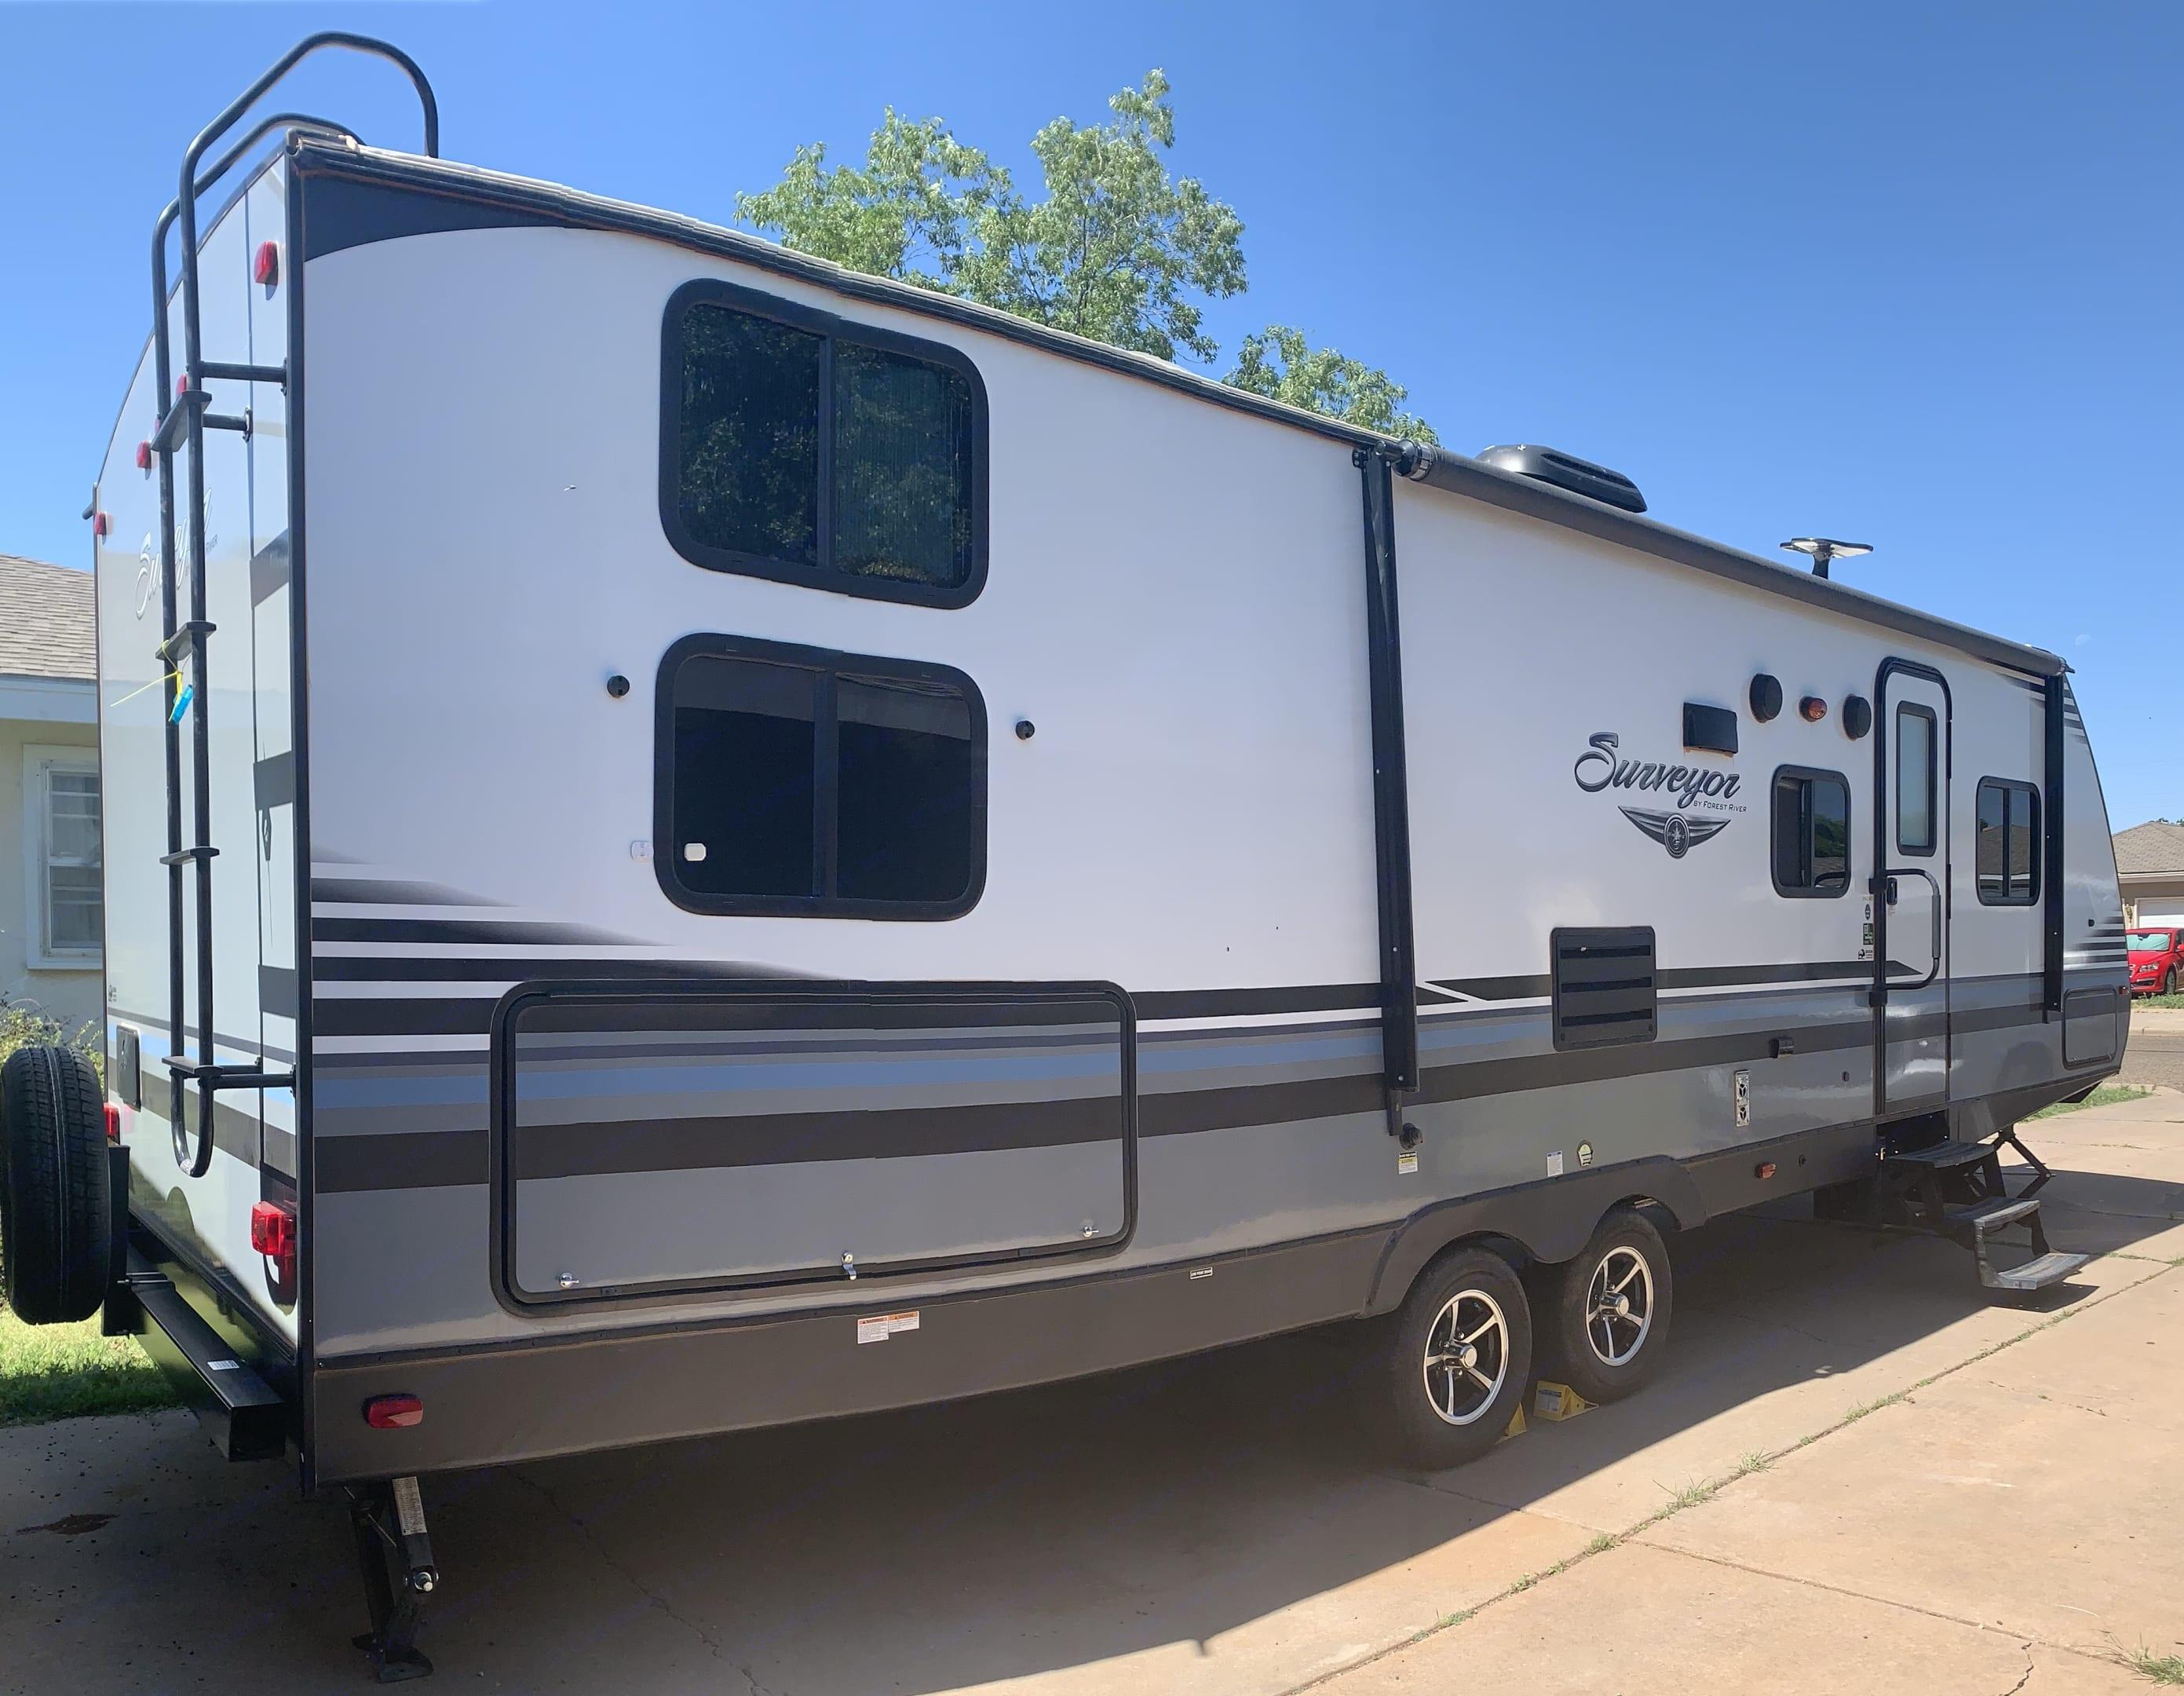 Outside of travel trailer. Forest River Surveyor 2018